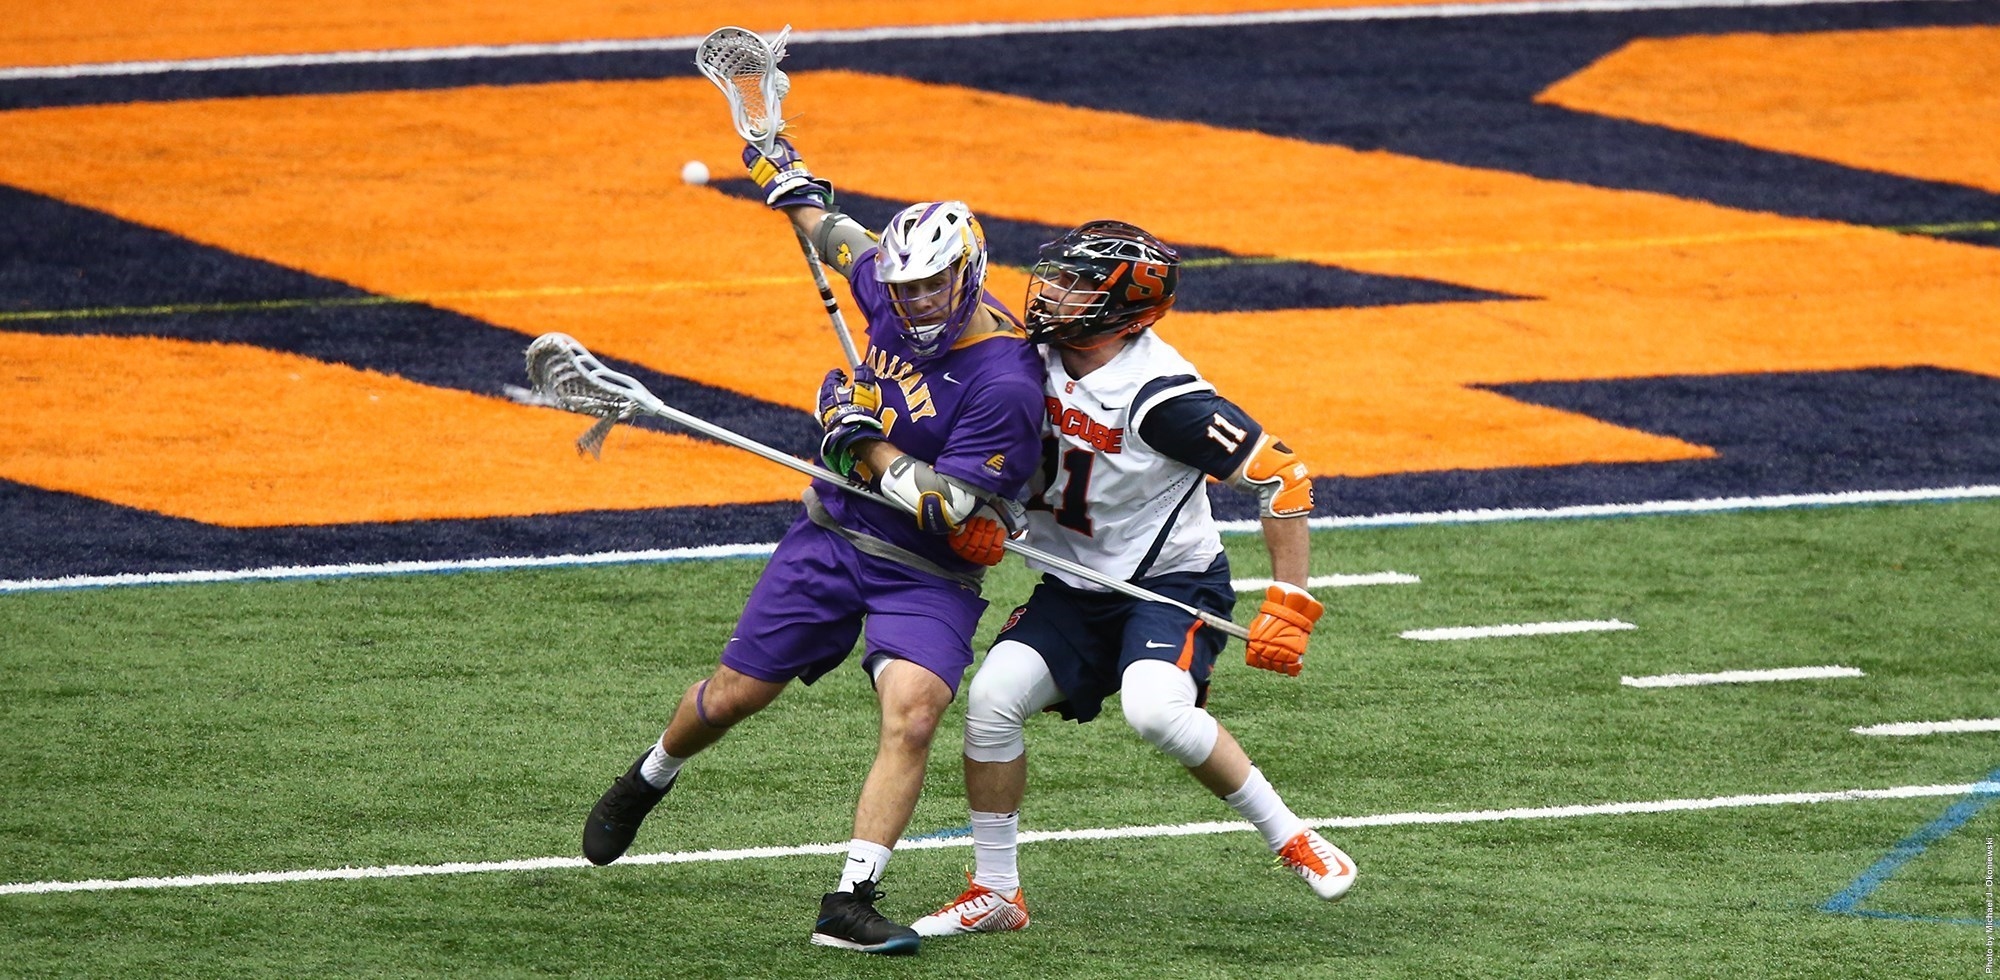 Photo credit to Syracuse University Athletics